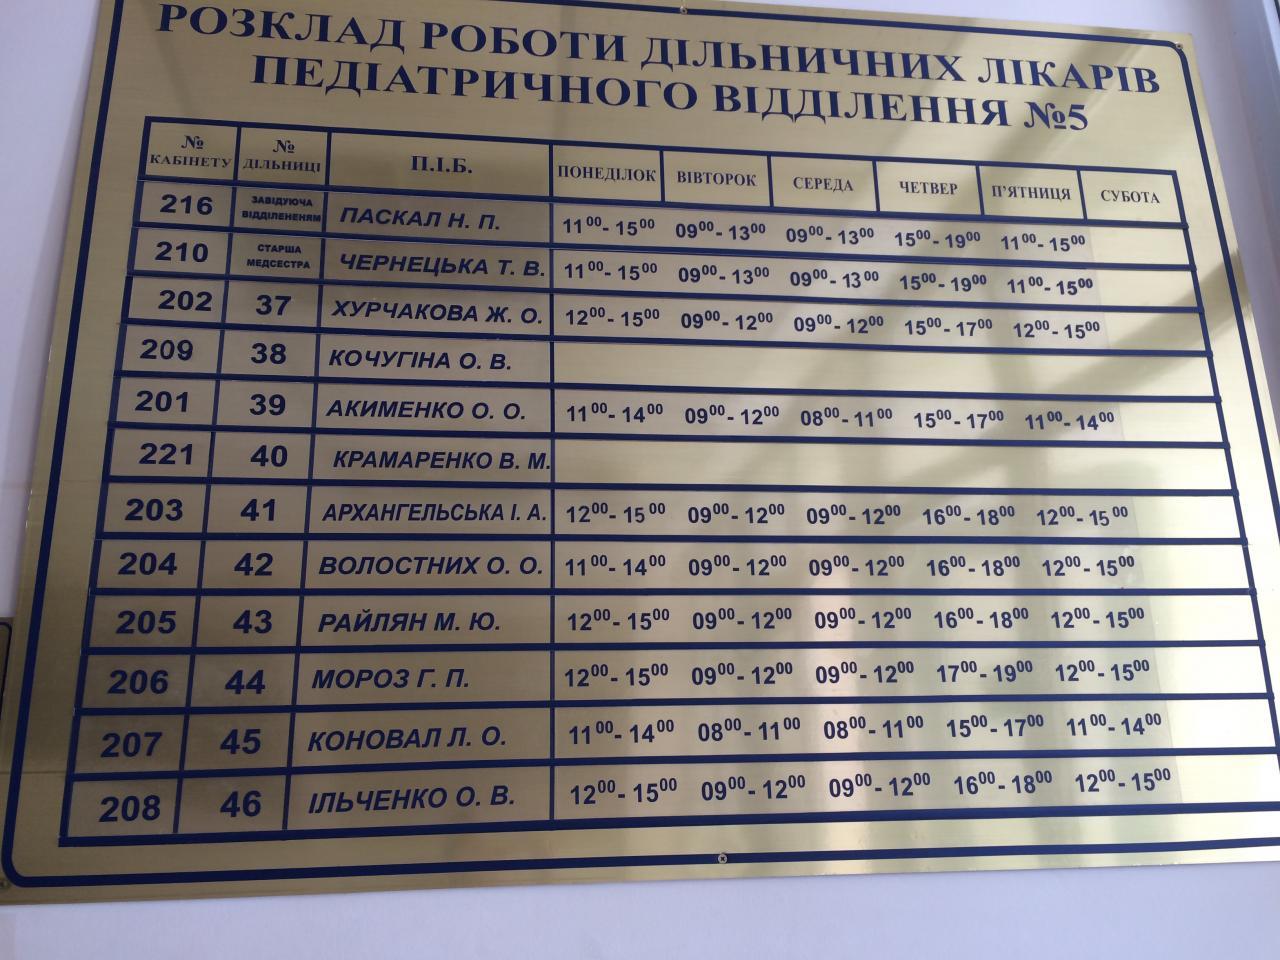 детская поликлиника 6 одесса расписание врачей